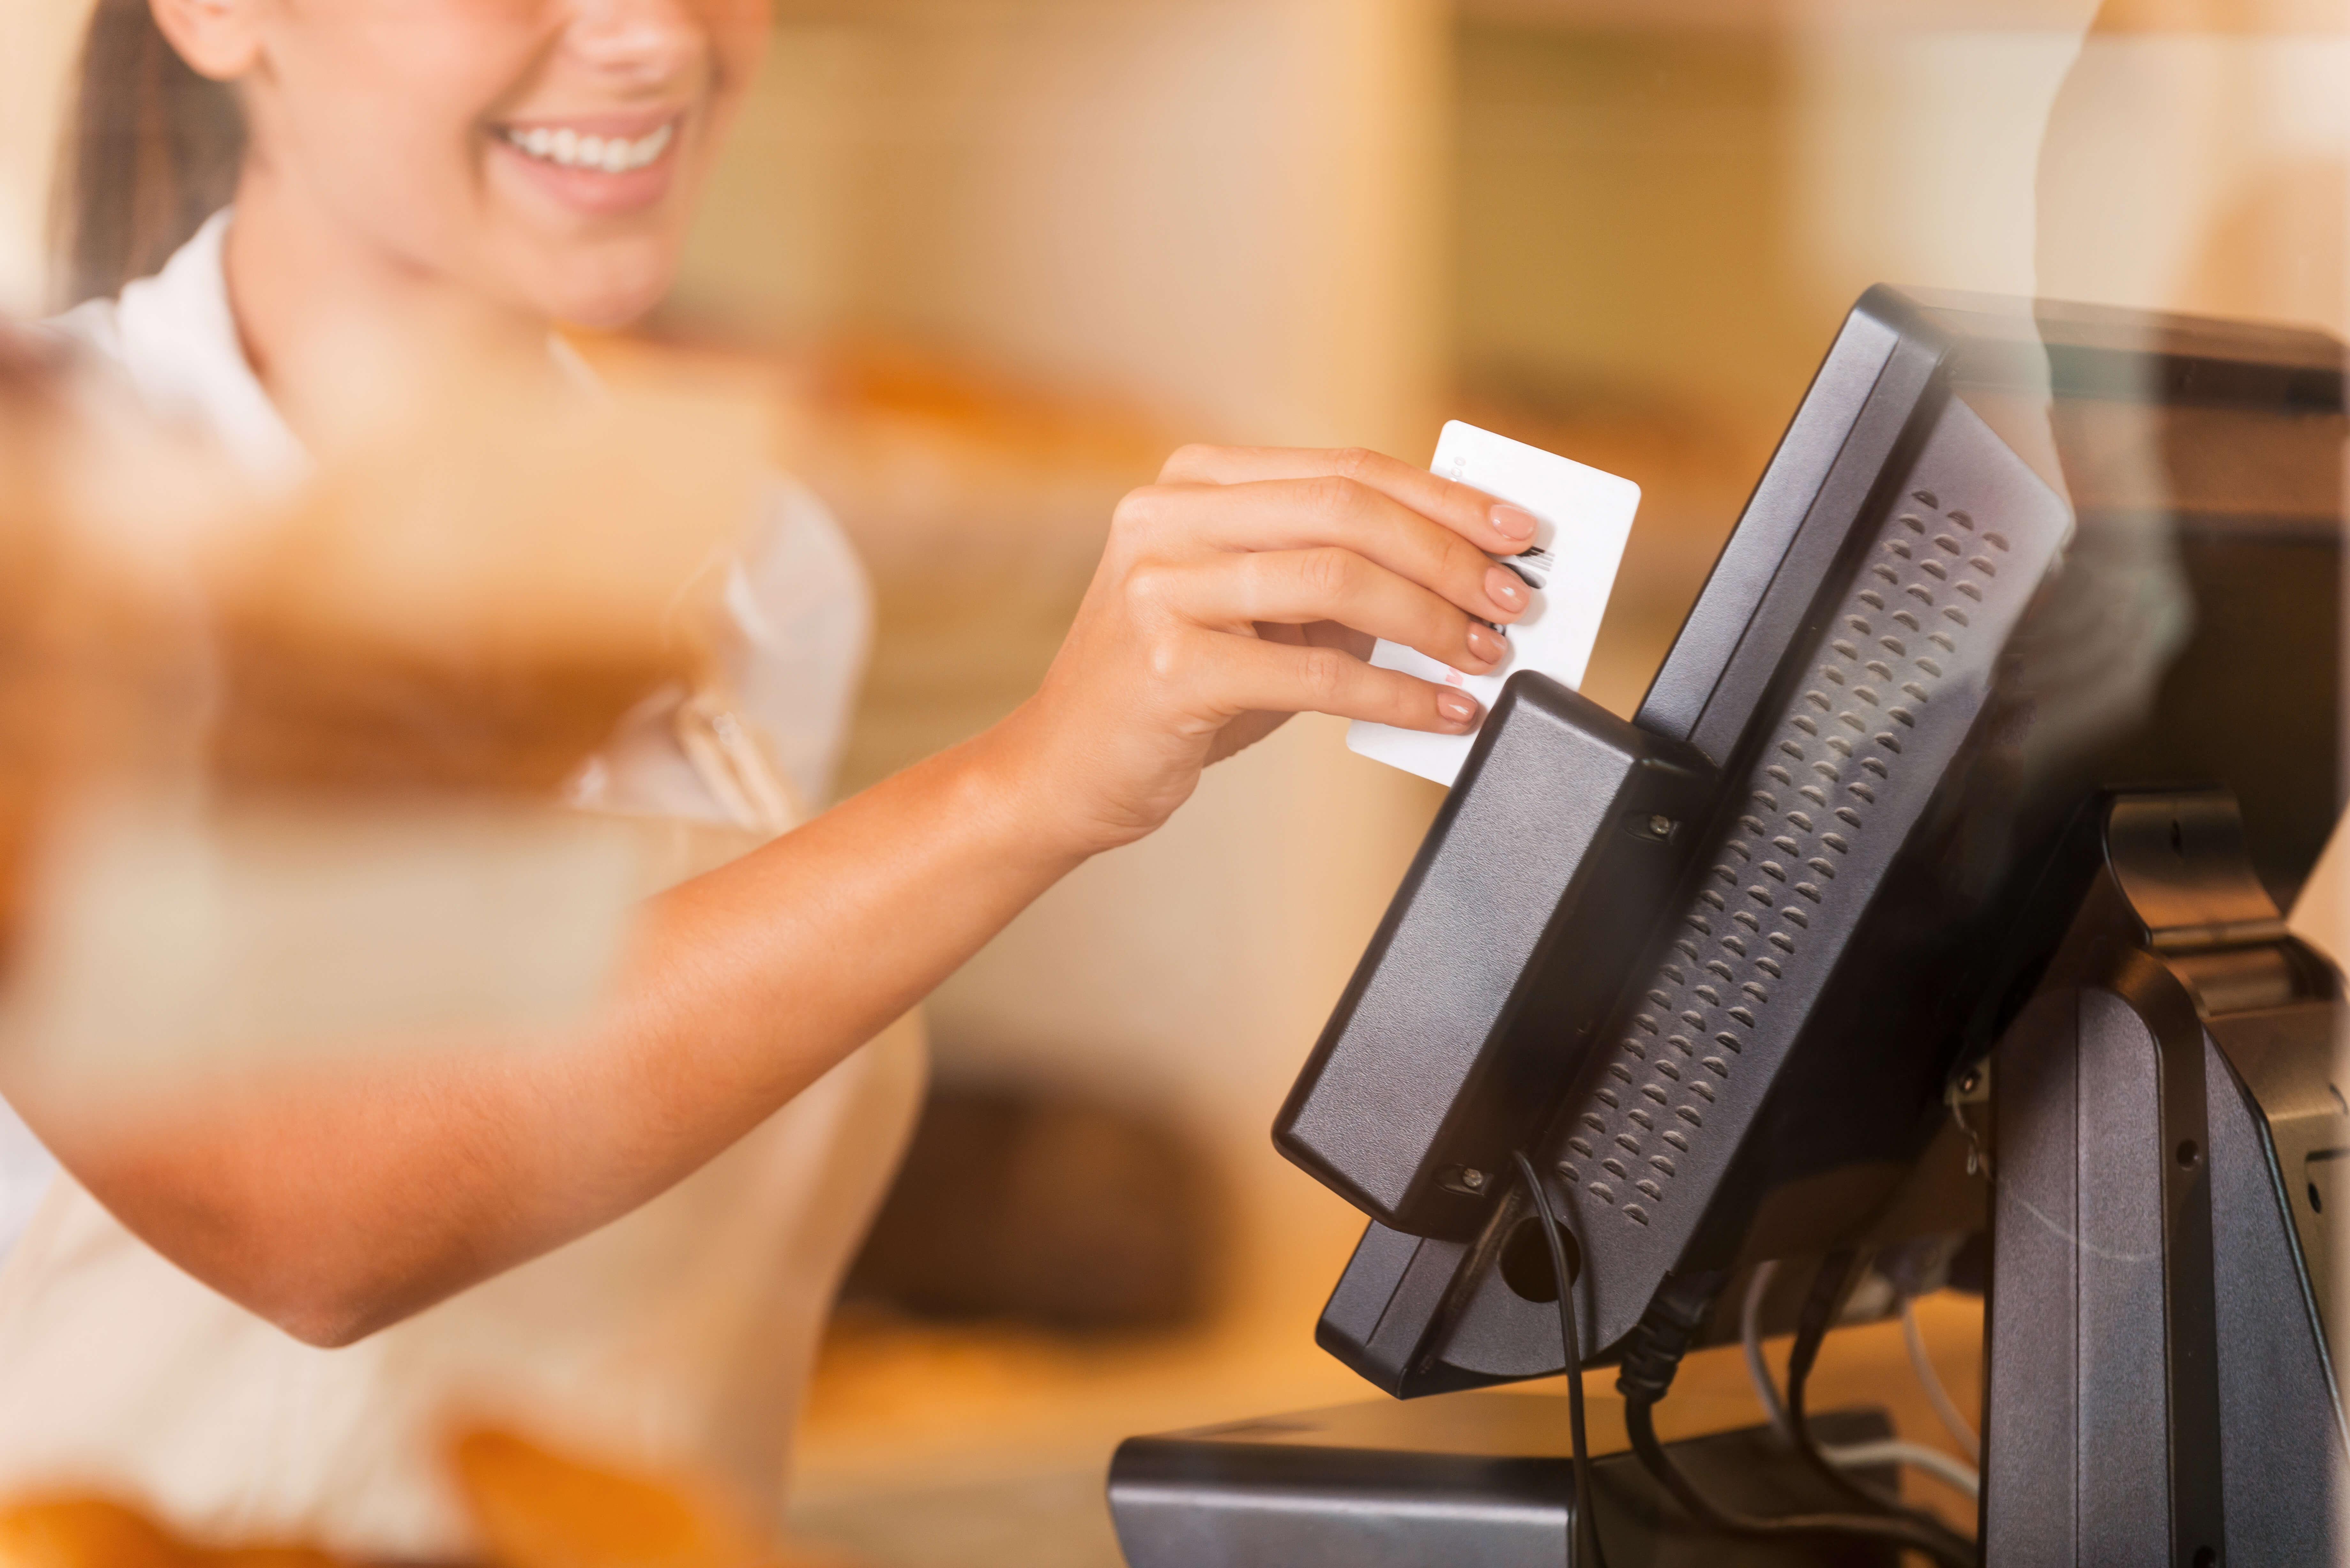 Kassiererin zieht eine Karte durch ein Kassensystem - Nutzung Fördermittel